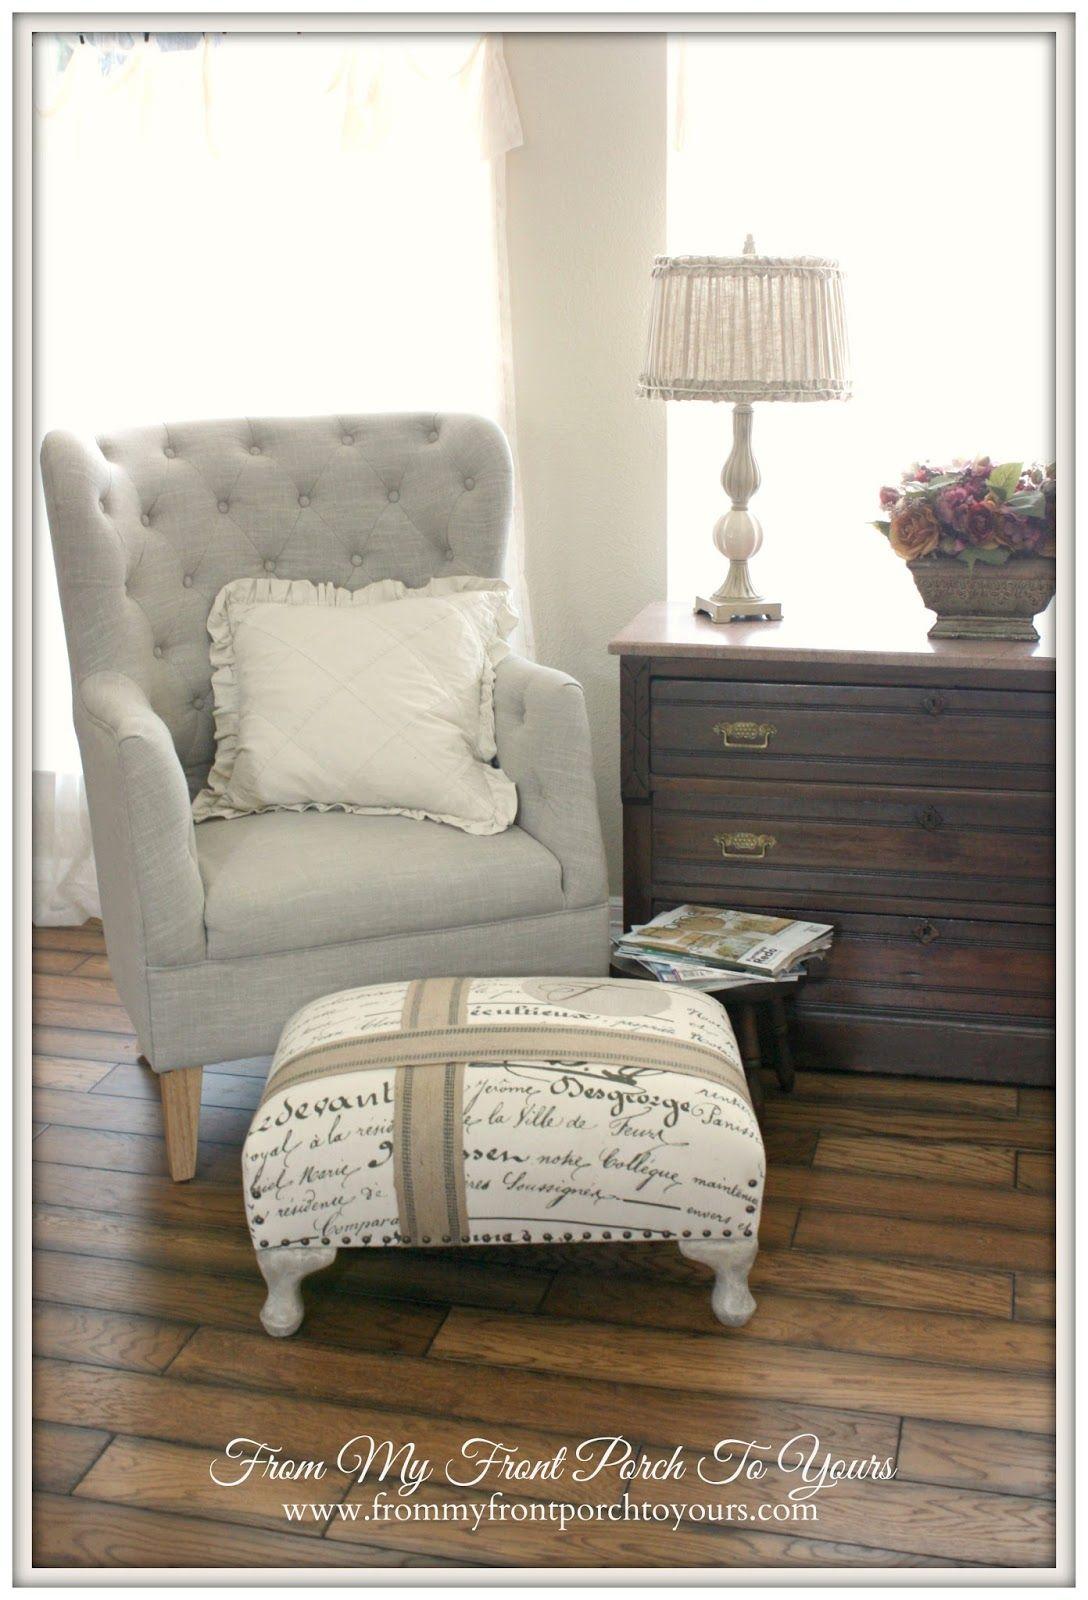 Rincones detalles gui os decorativos con toques romanticos muebles y accesorios lindos para la - Muebles romanticos ...